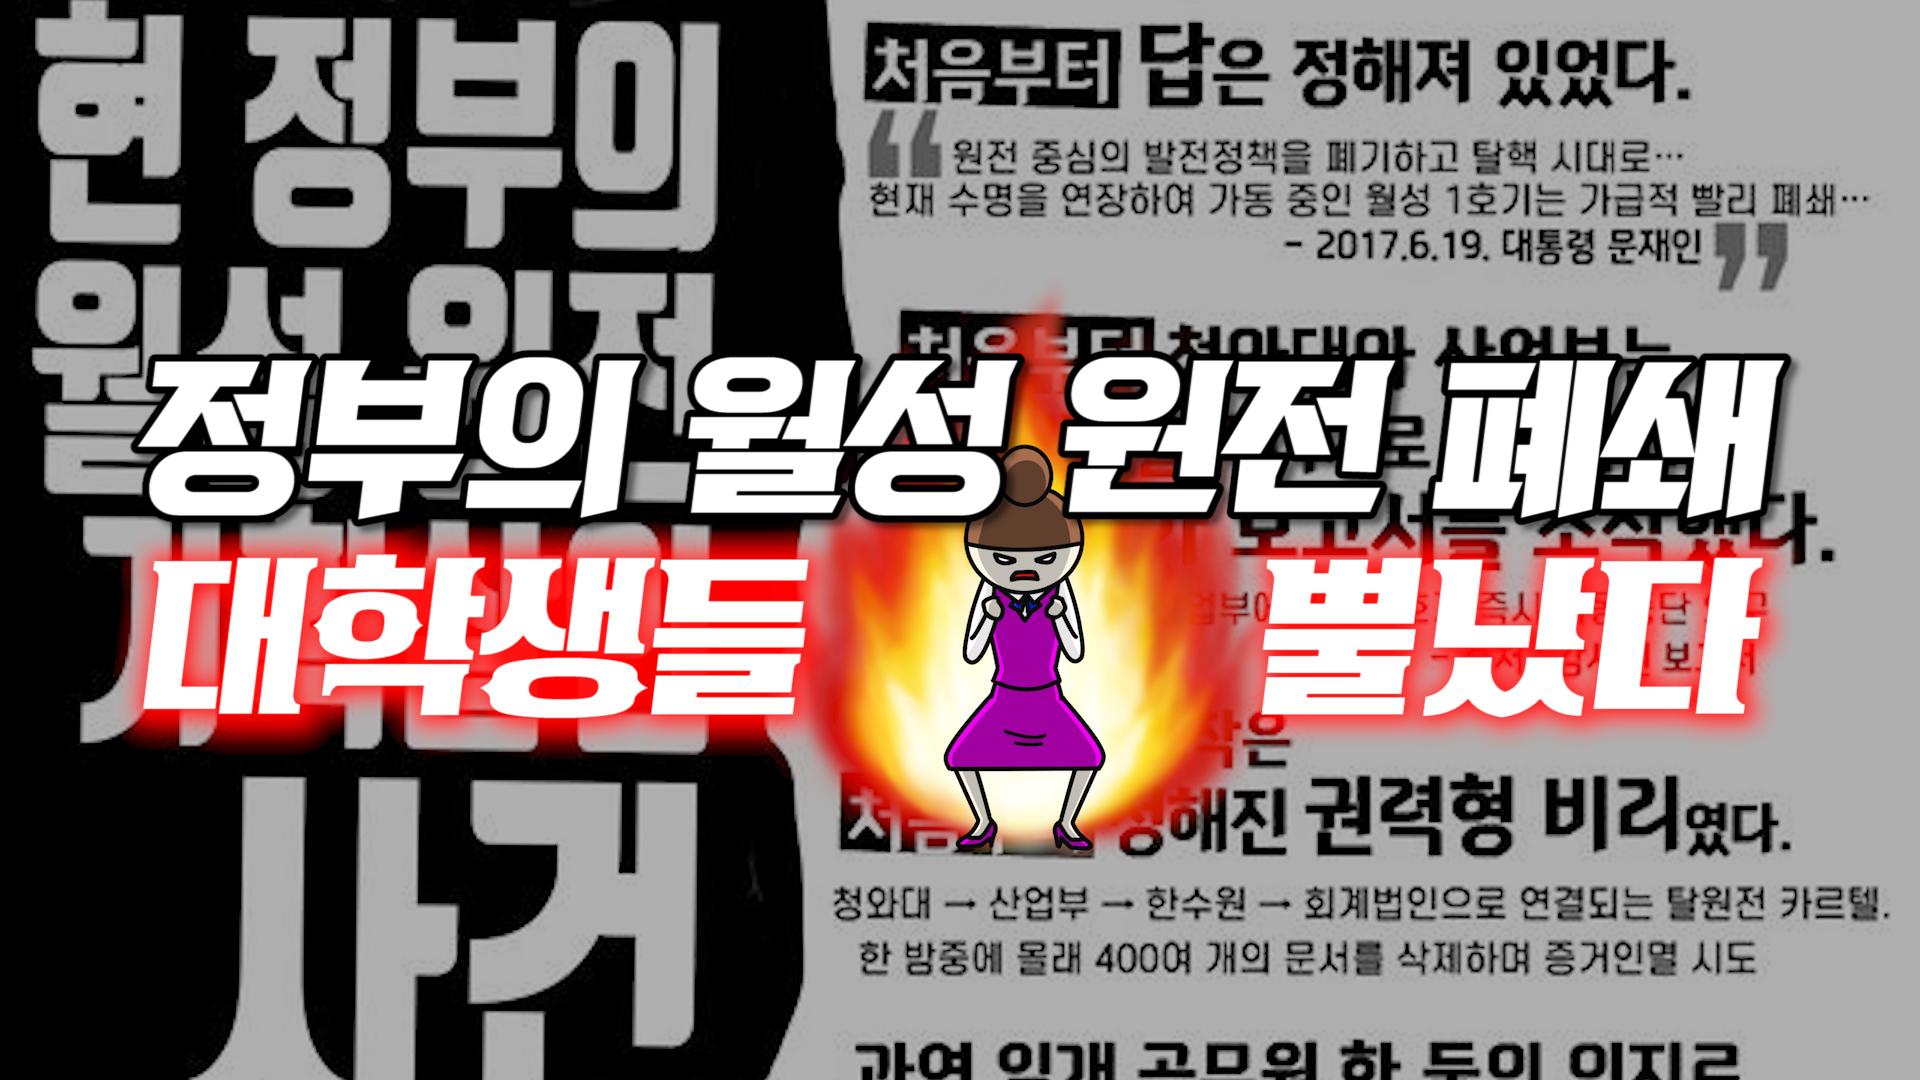 '현 정부의 월성 원전 기획 살인' 대자보, 전국 대학가로 확산